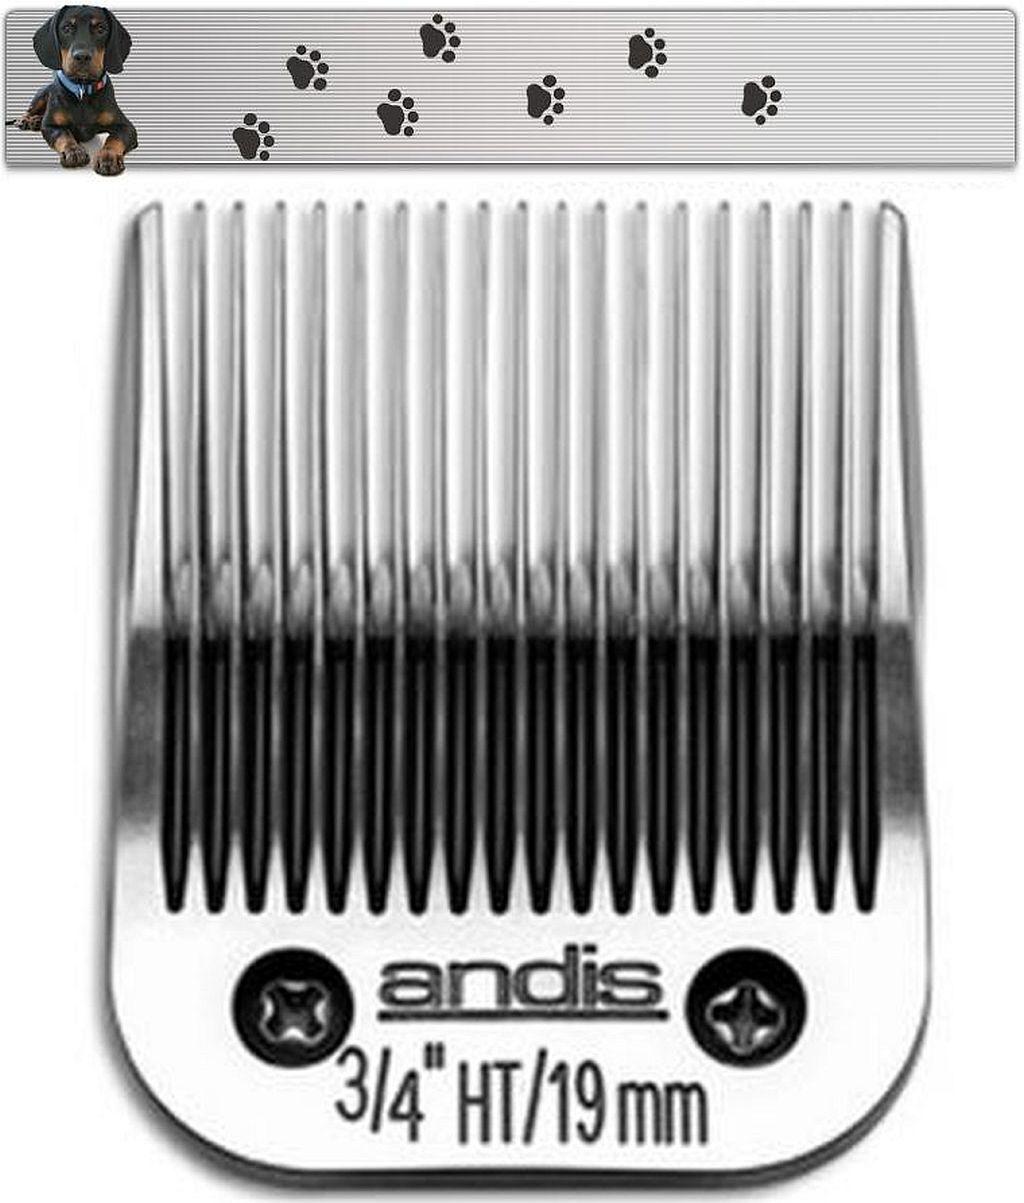 MOSER MAX 45 1245 Andis Tête de rasage 19 mm Ultraedge   NOUVEAU